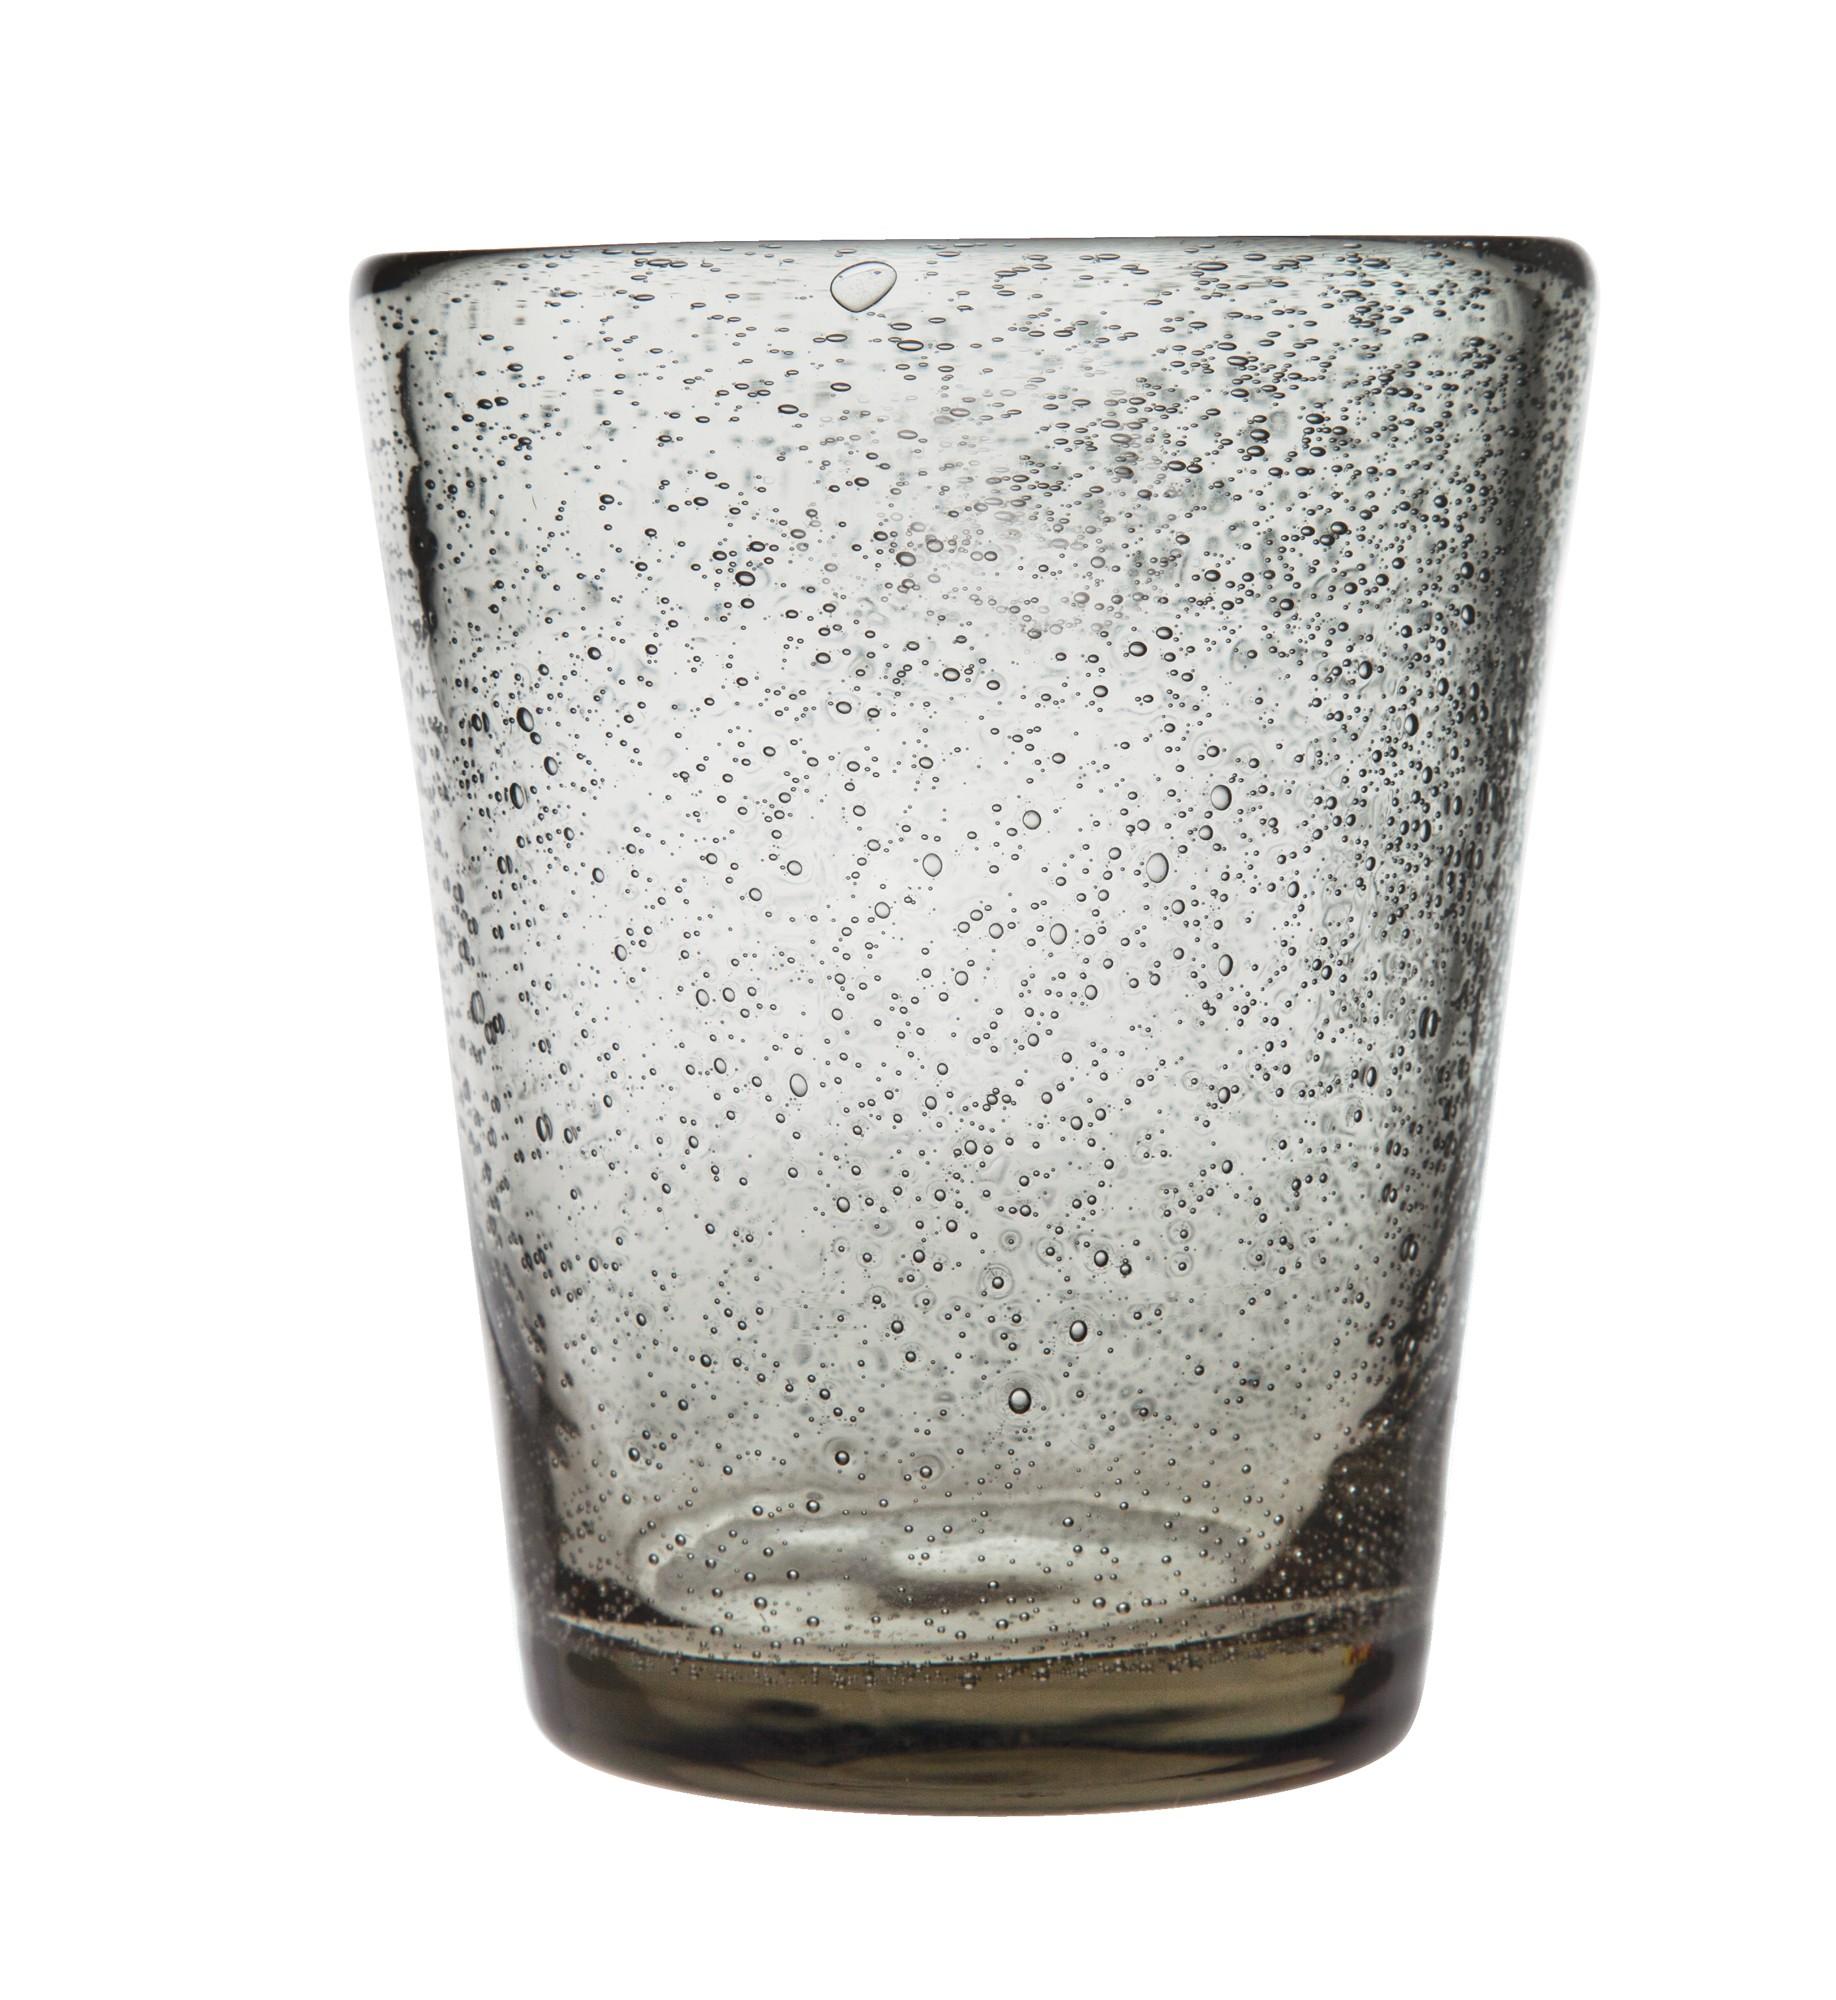 Ποτήρι Ουίσκι Anise Smoke Σετ 6Τμχ 250ml Ionia home   ειδη σερβιρισματος   ποτήρια   ουίσκι